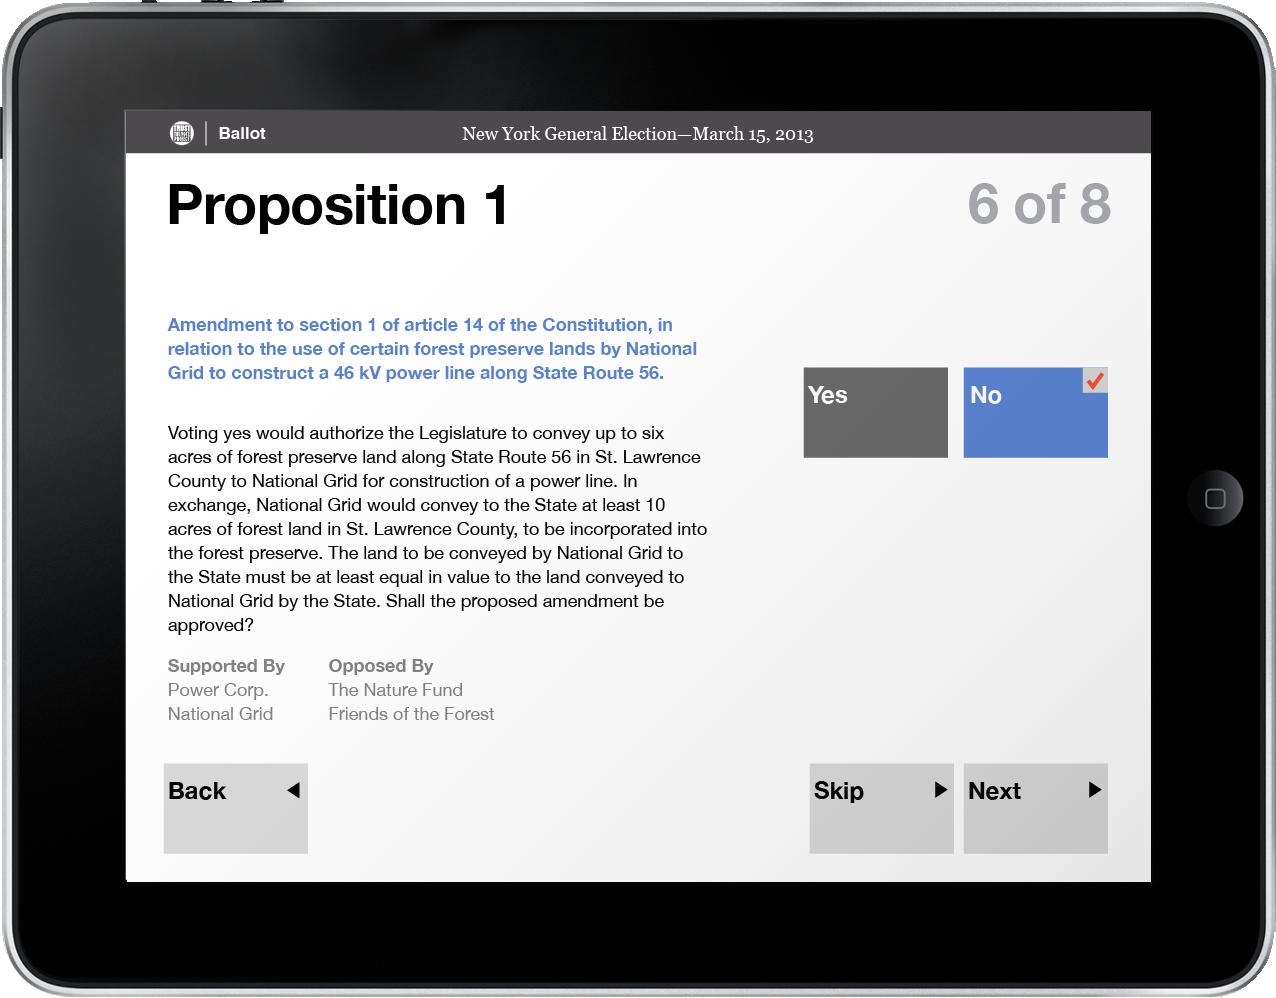 ballot_5_vote_proposition.png